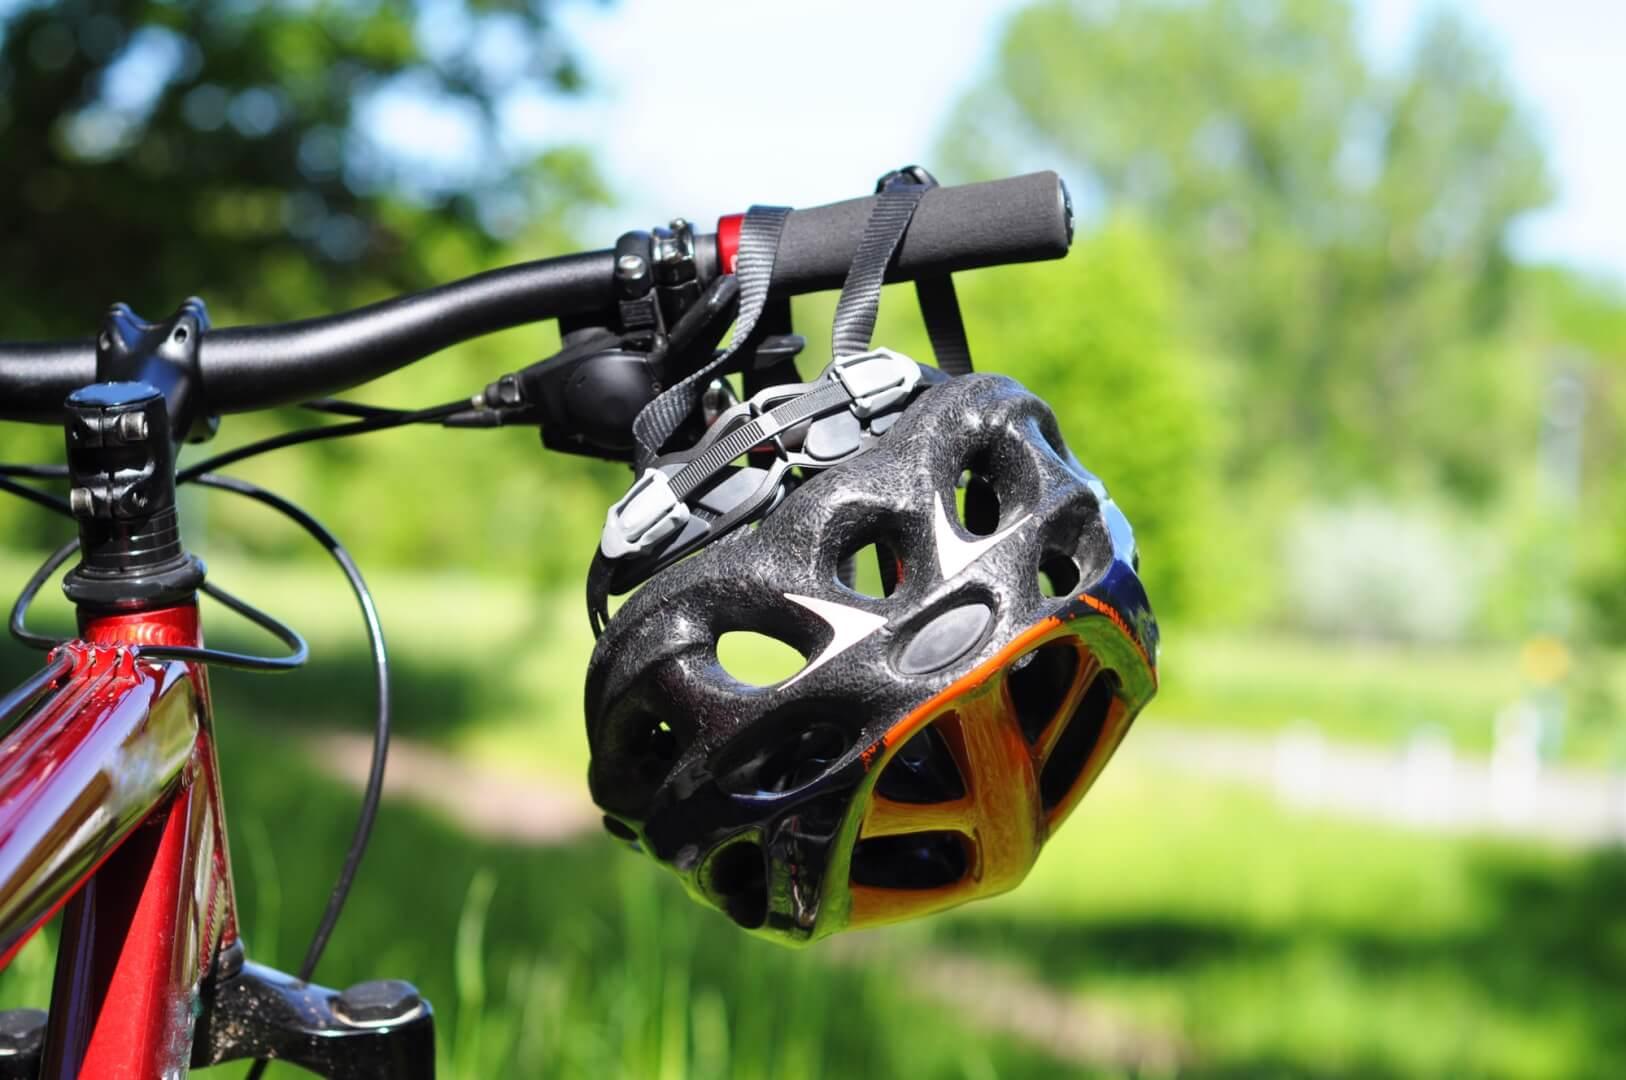 Cykel og cykelhjelm